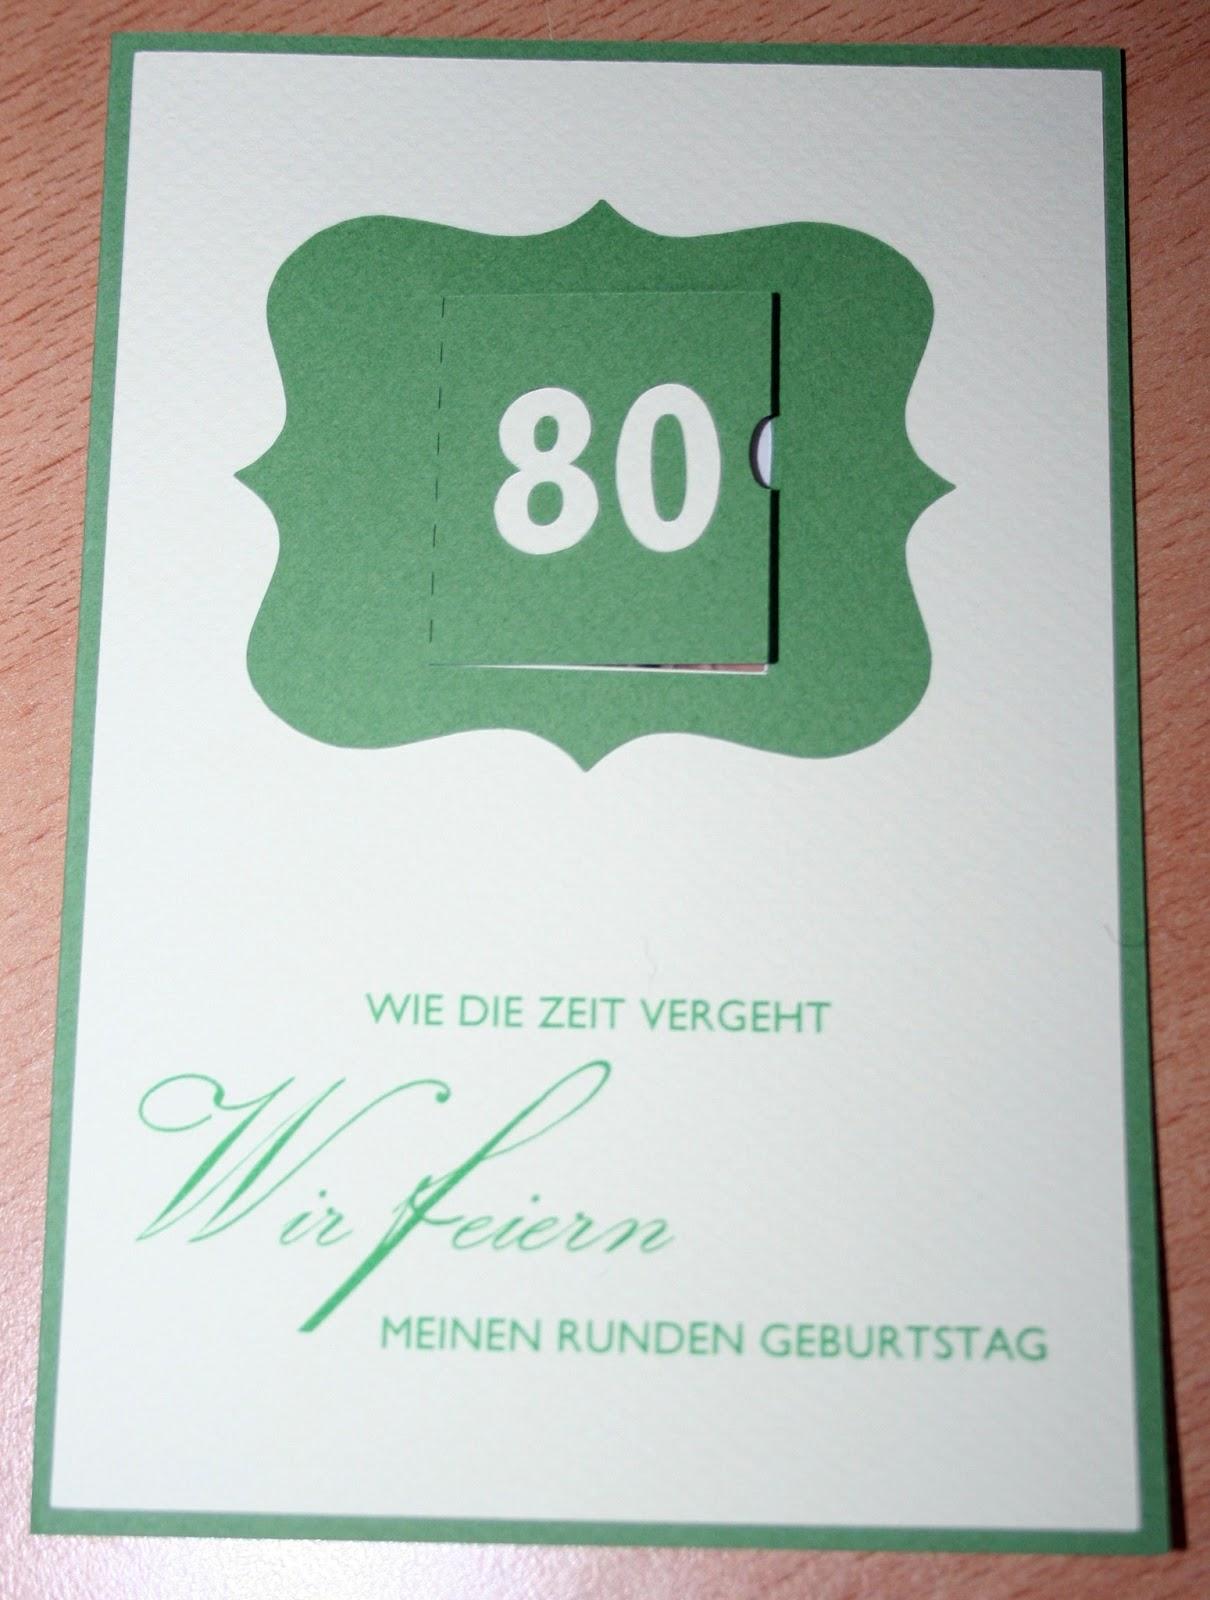 Blumis kreativ Blog: Einladung zum 80. Geburtstag